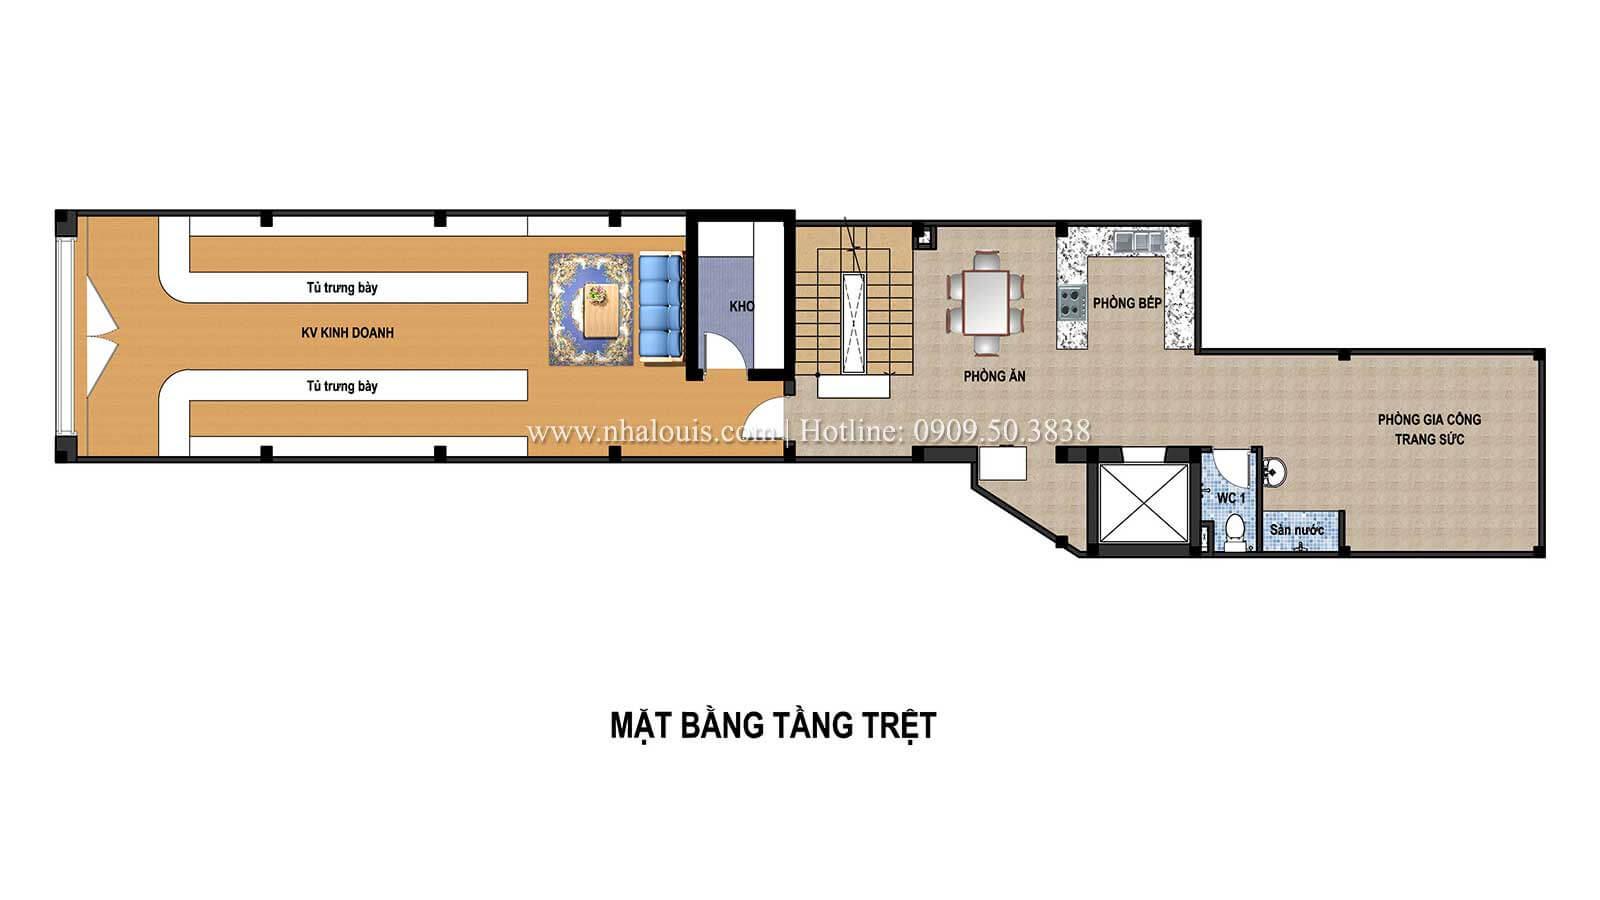 Mặt bằng tầng trệt Thiết kế tiệm vàng 5 tầng đẹp không tì vết tại Nhà Bè - 03